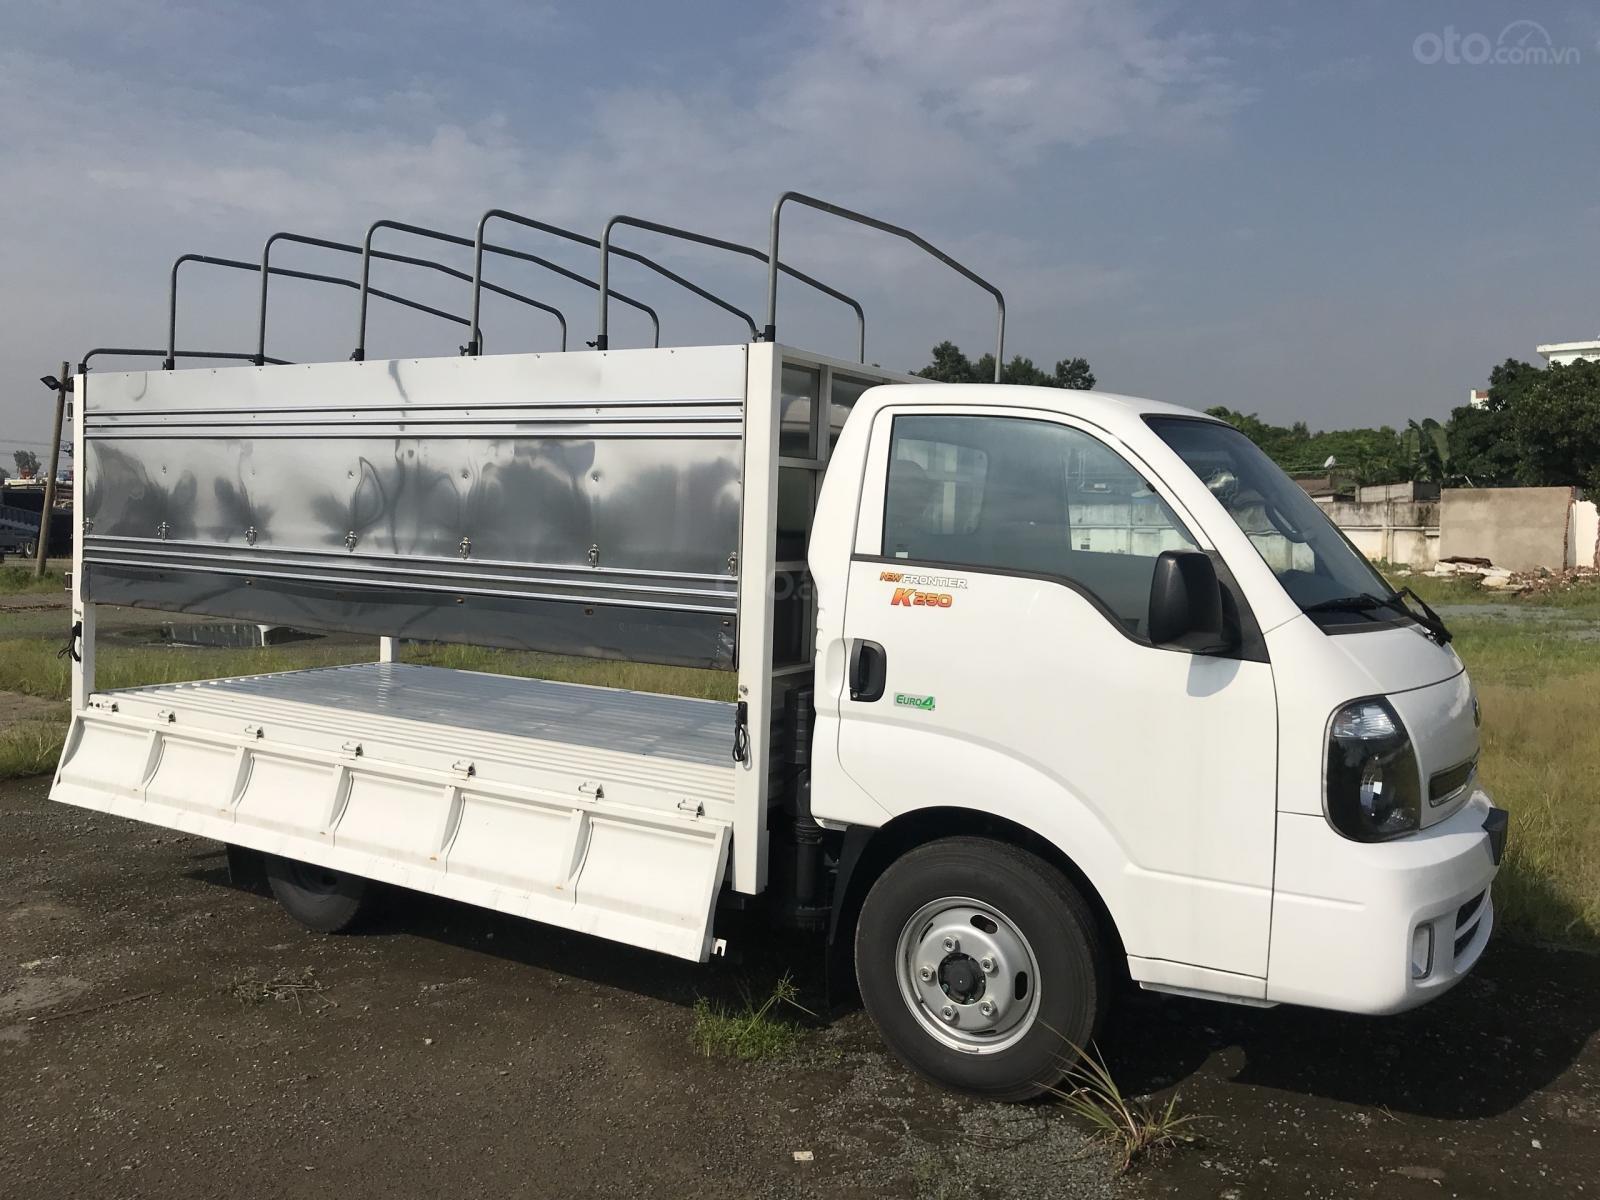 Bán xe tải Kia K250 đời 2018 tải 2.49 tấn, thùng dài 3.5 mét, giá ưu đãi, có xe sẵn giao ngay - Lh: 0905036081 (5)